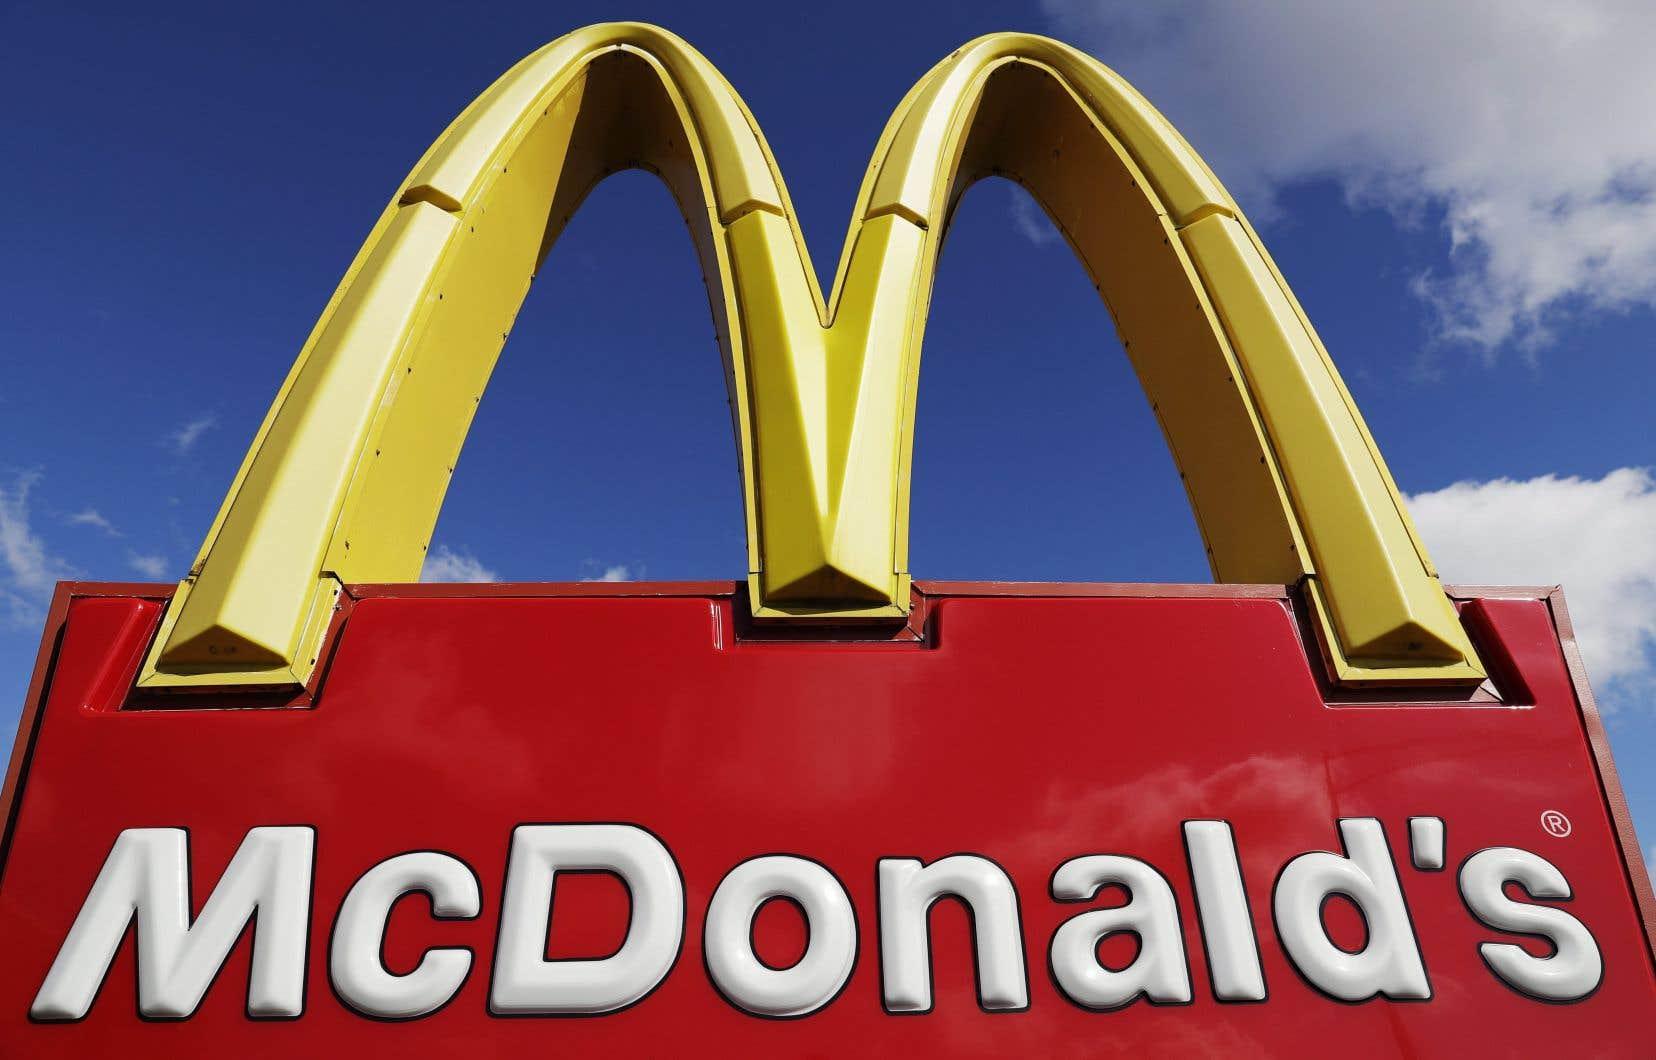 Les allégations vont de «commentaires vulgaires aux agressions physiques» à l'encontre de salariés chez McDonald's partout dans le monde.